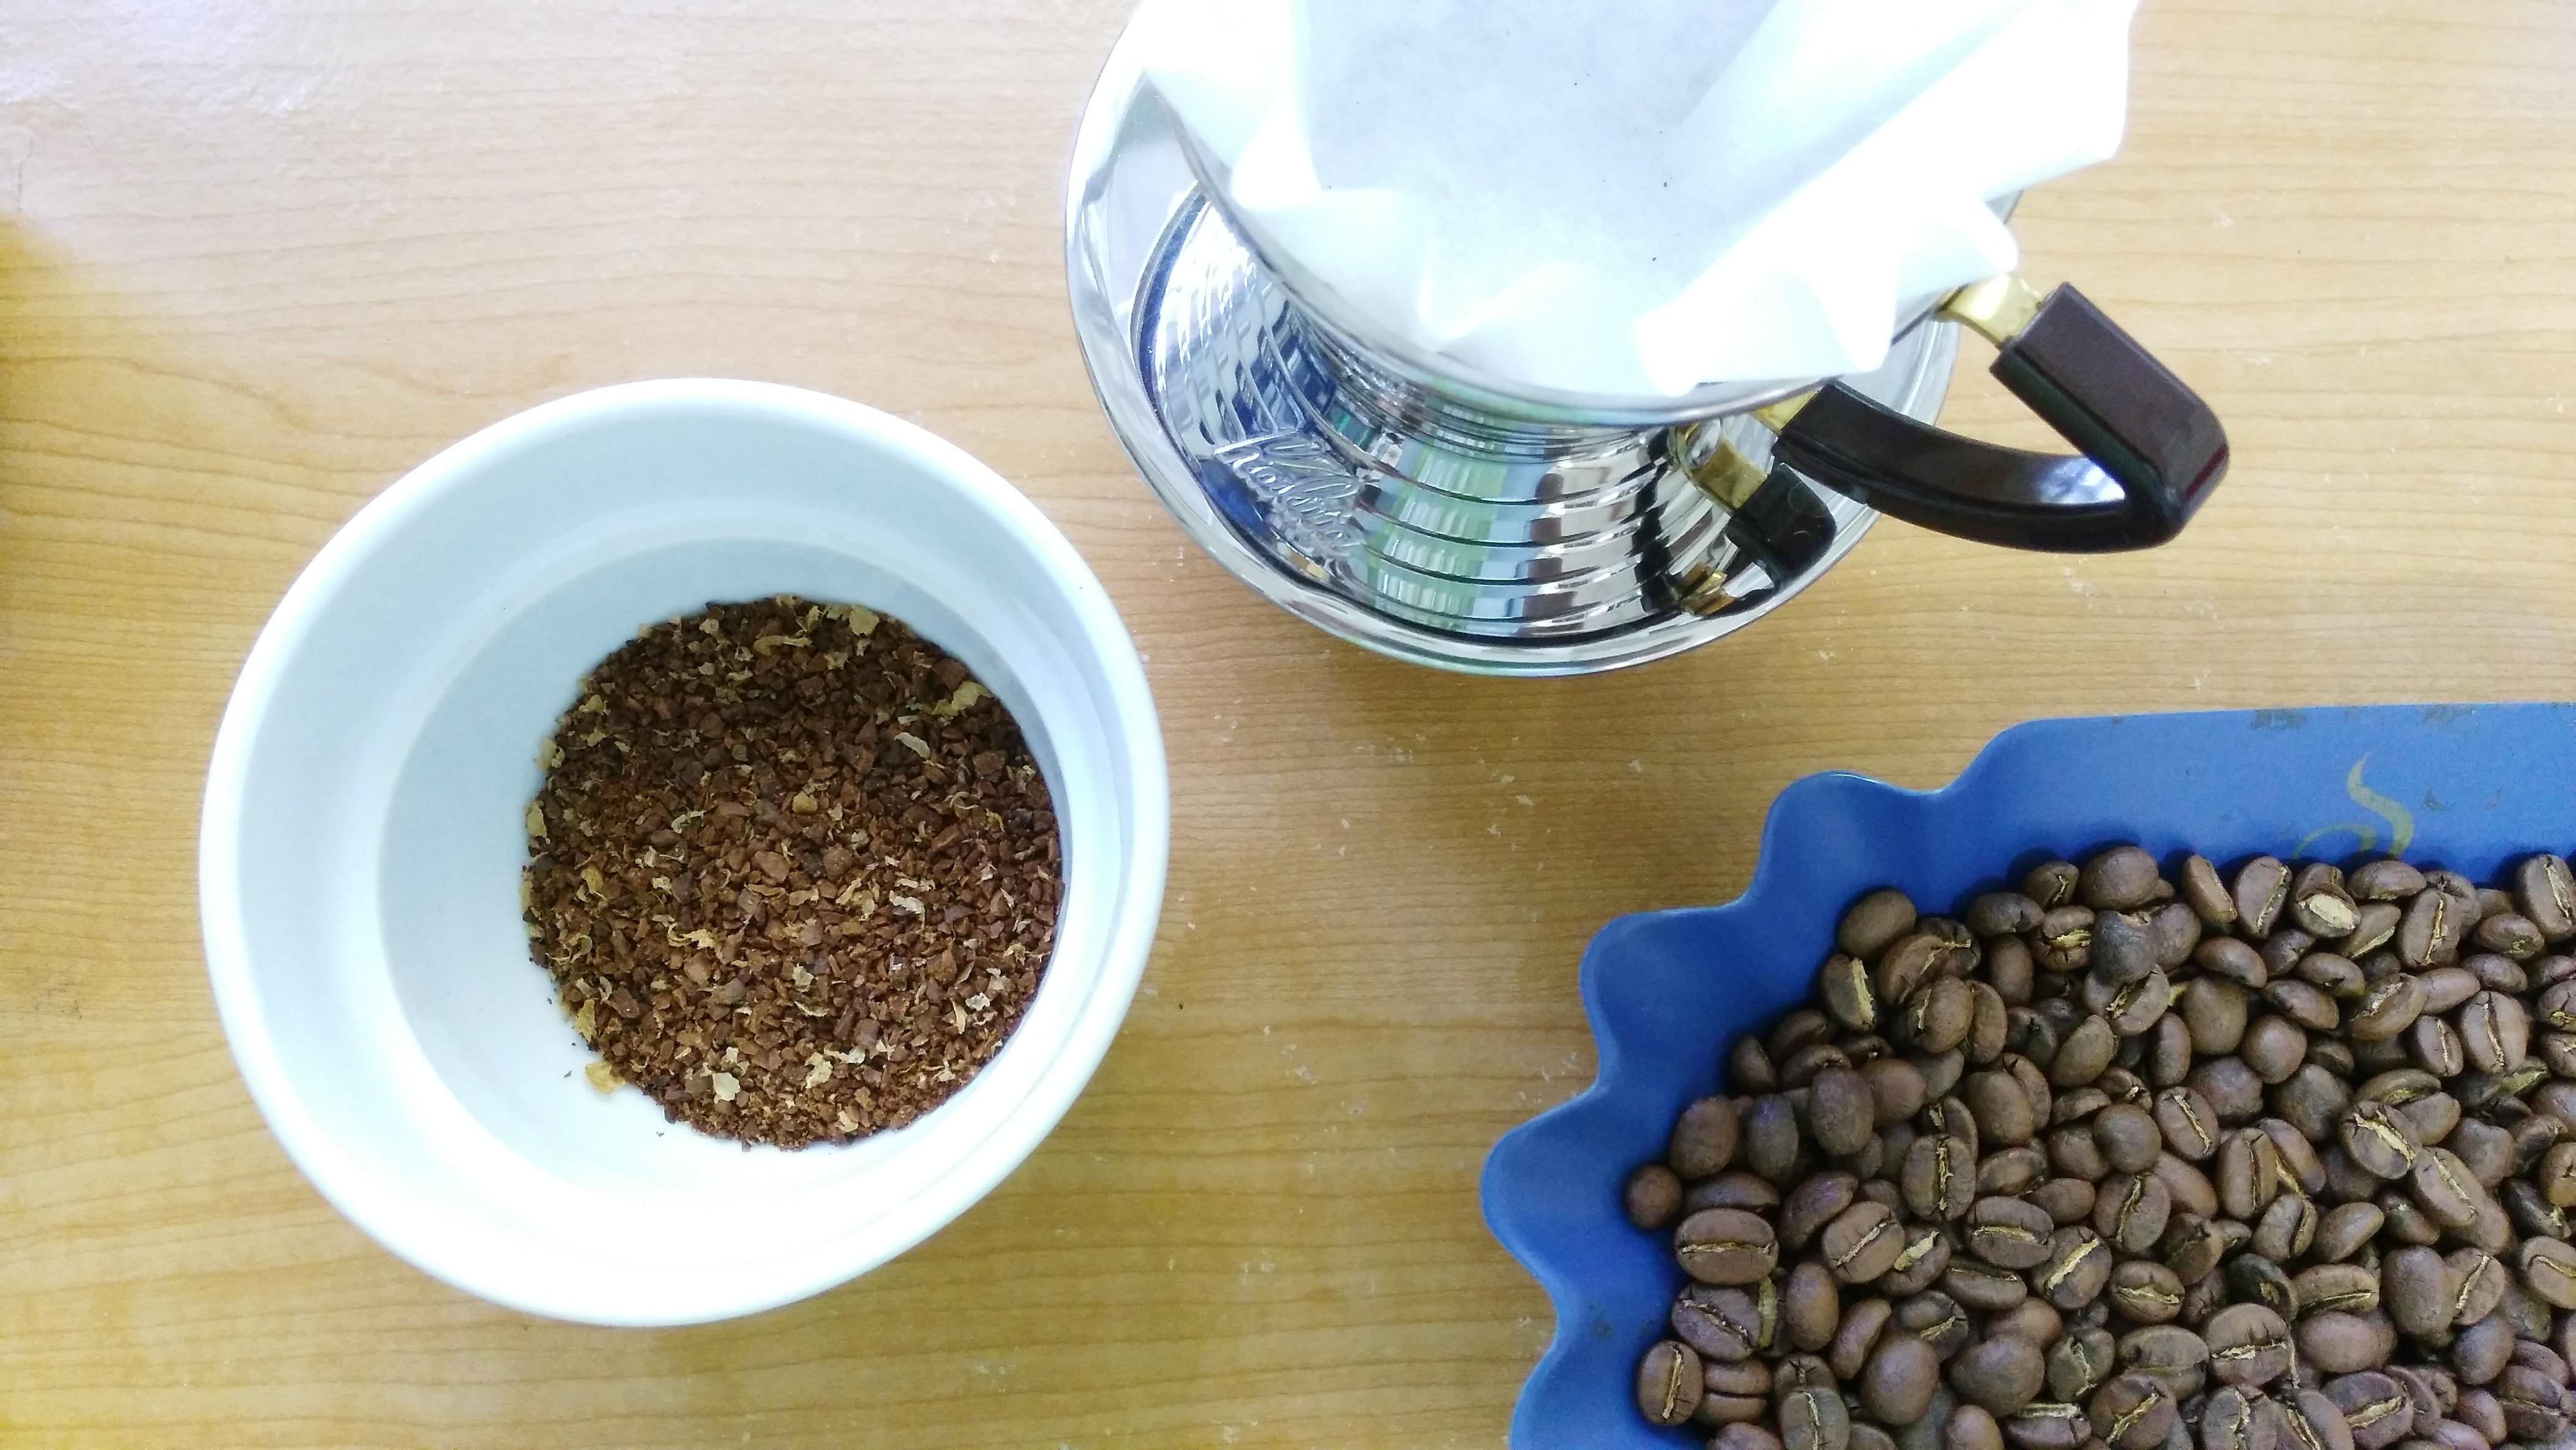 กาแฟคั่วอ่อนสำหรับ Filter